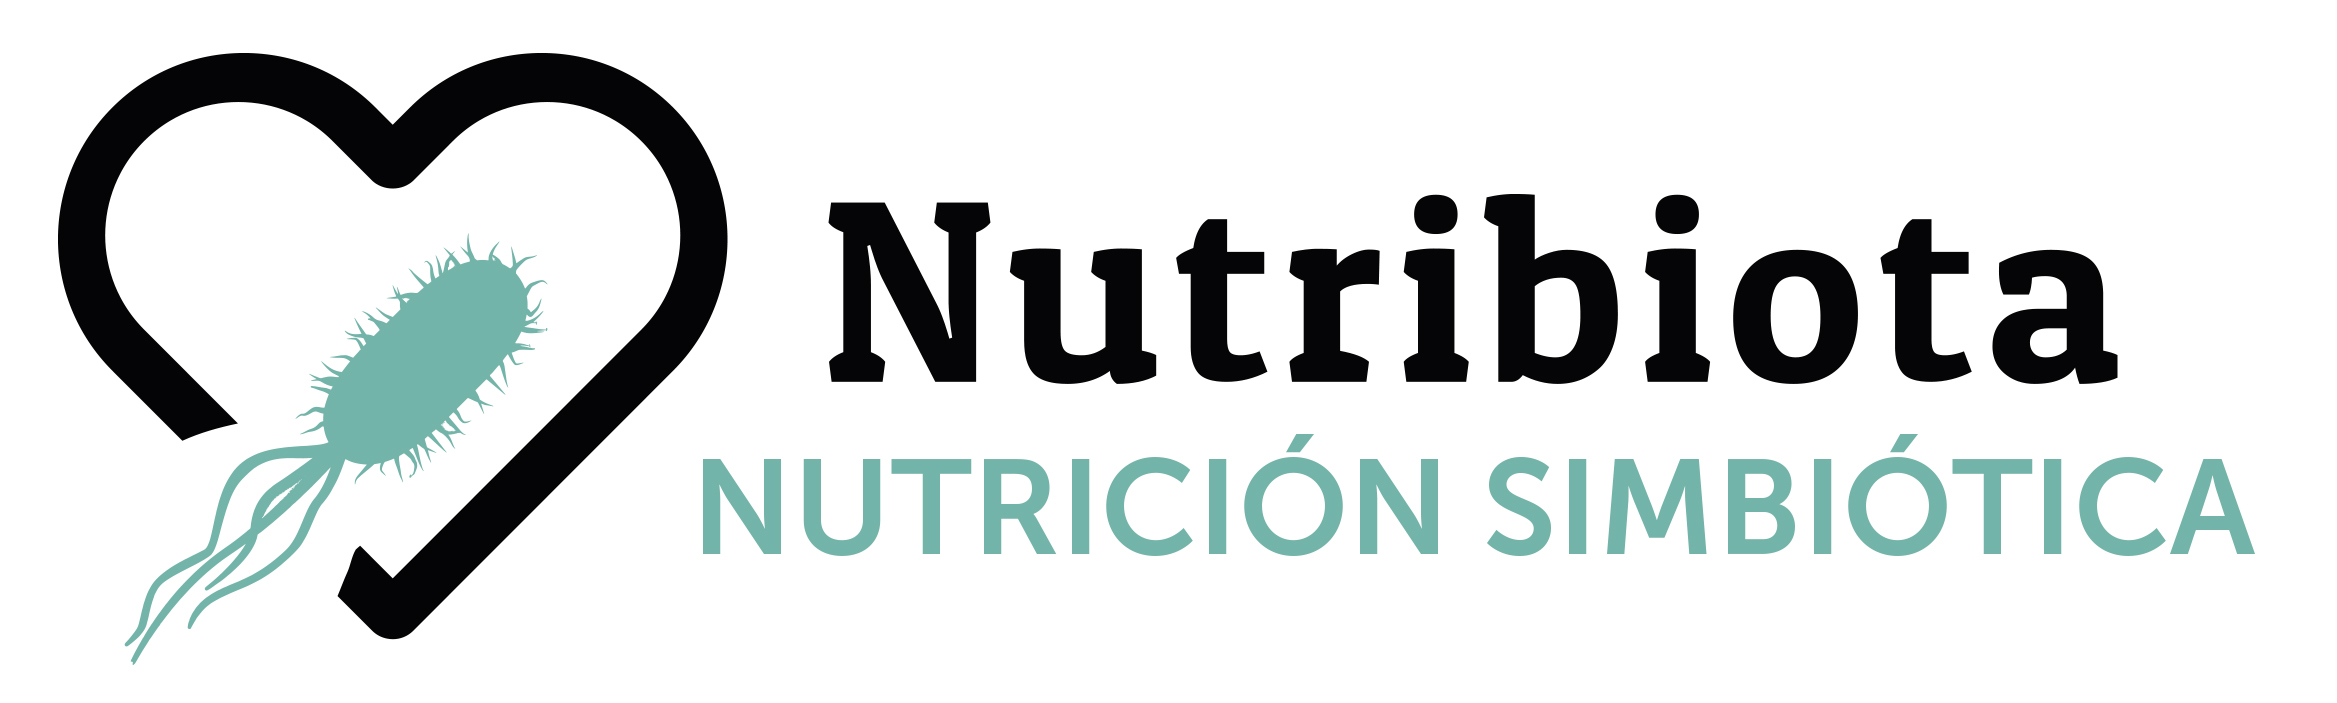 Nutribiota